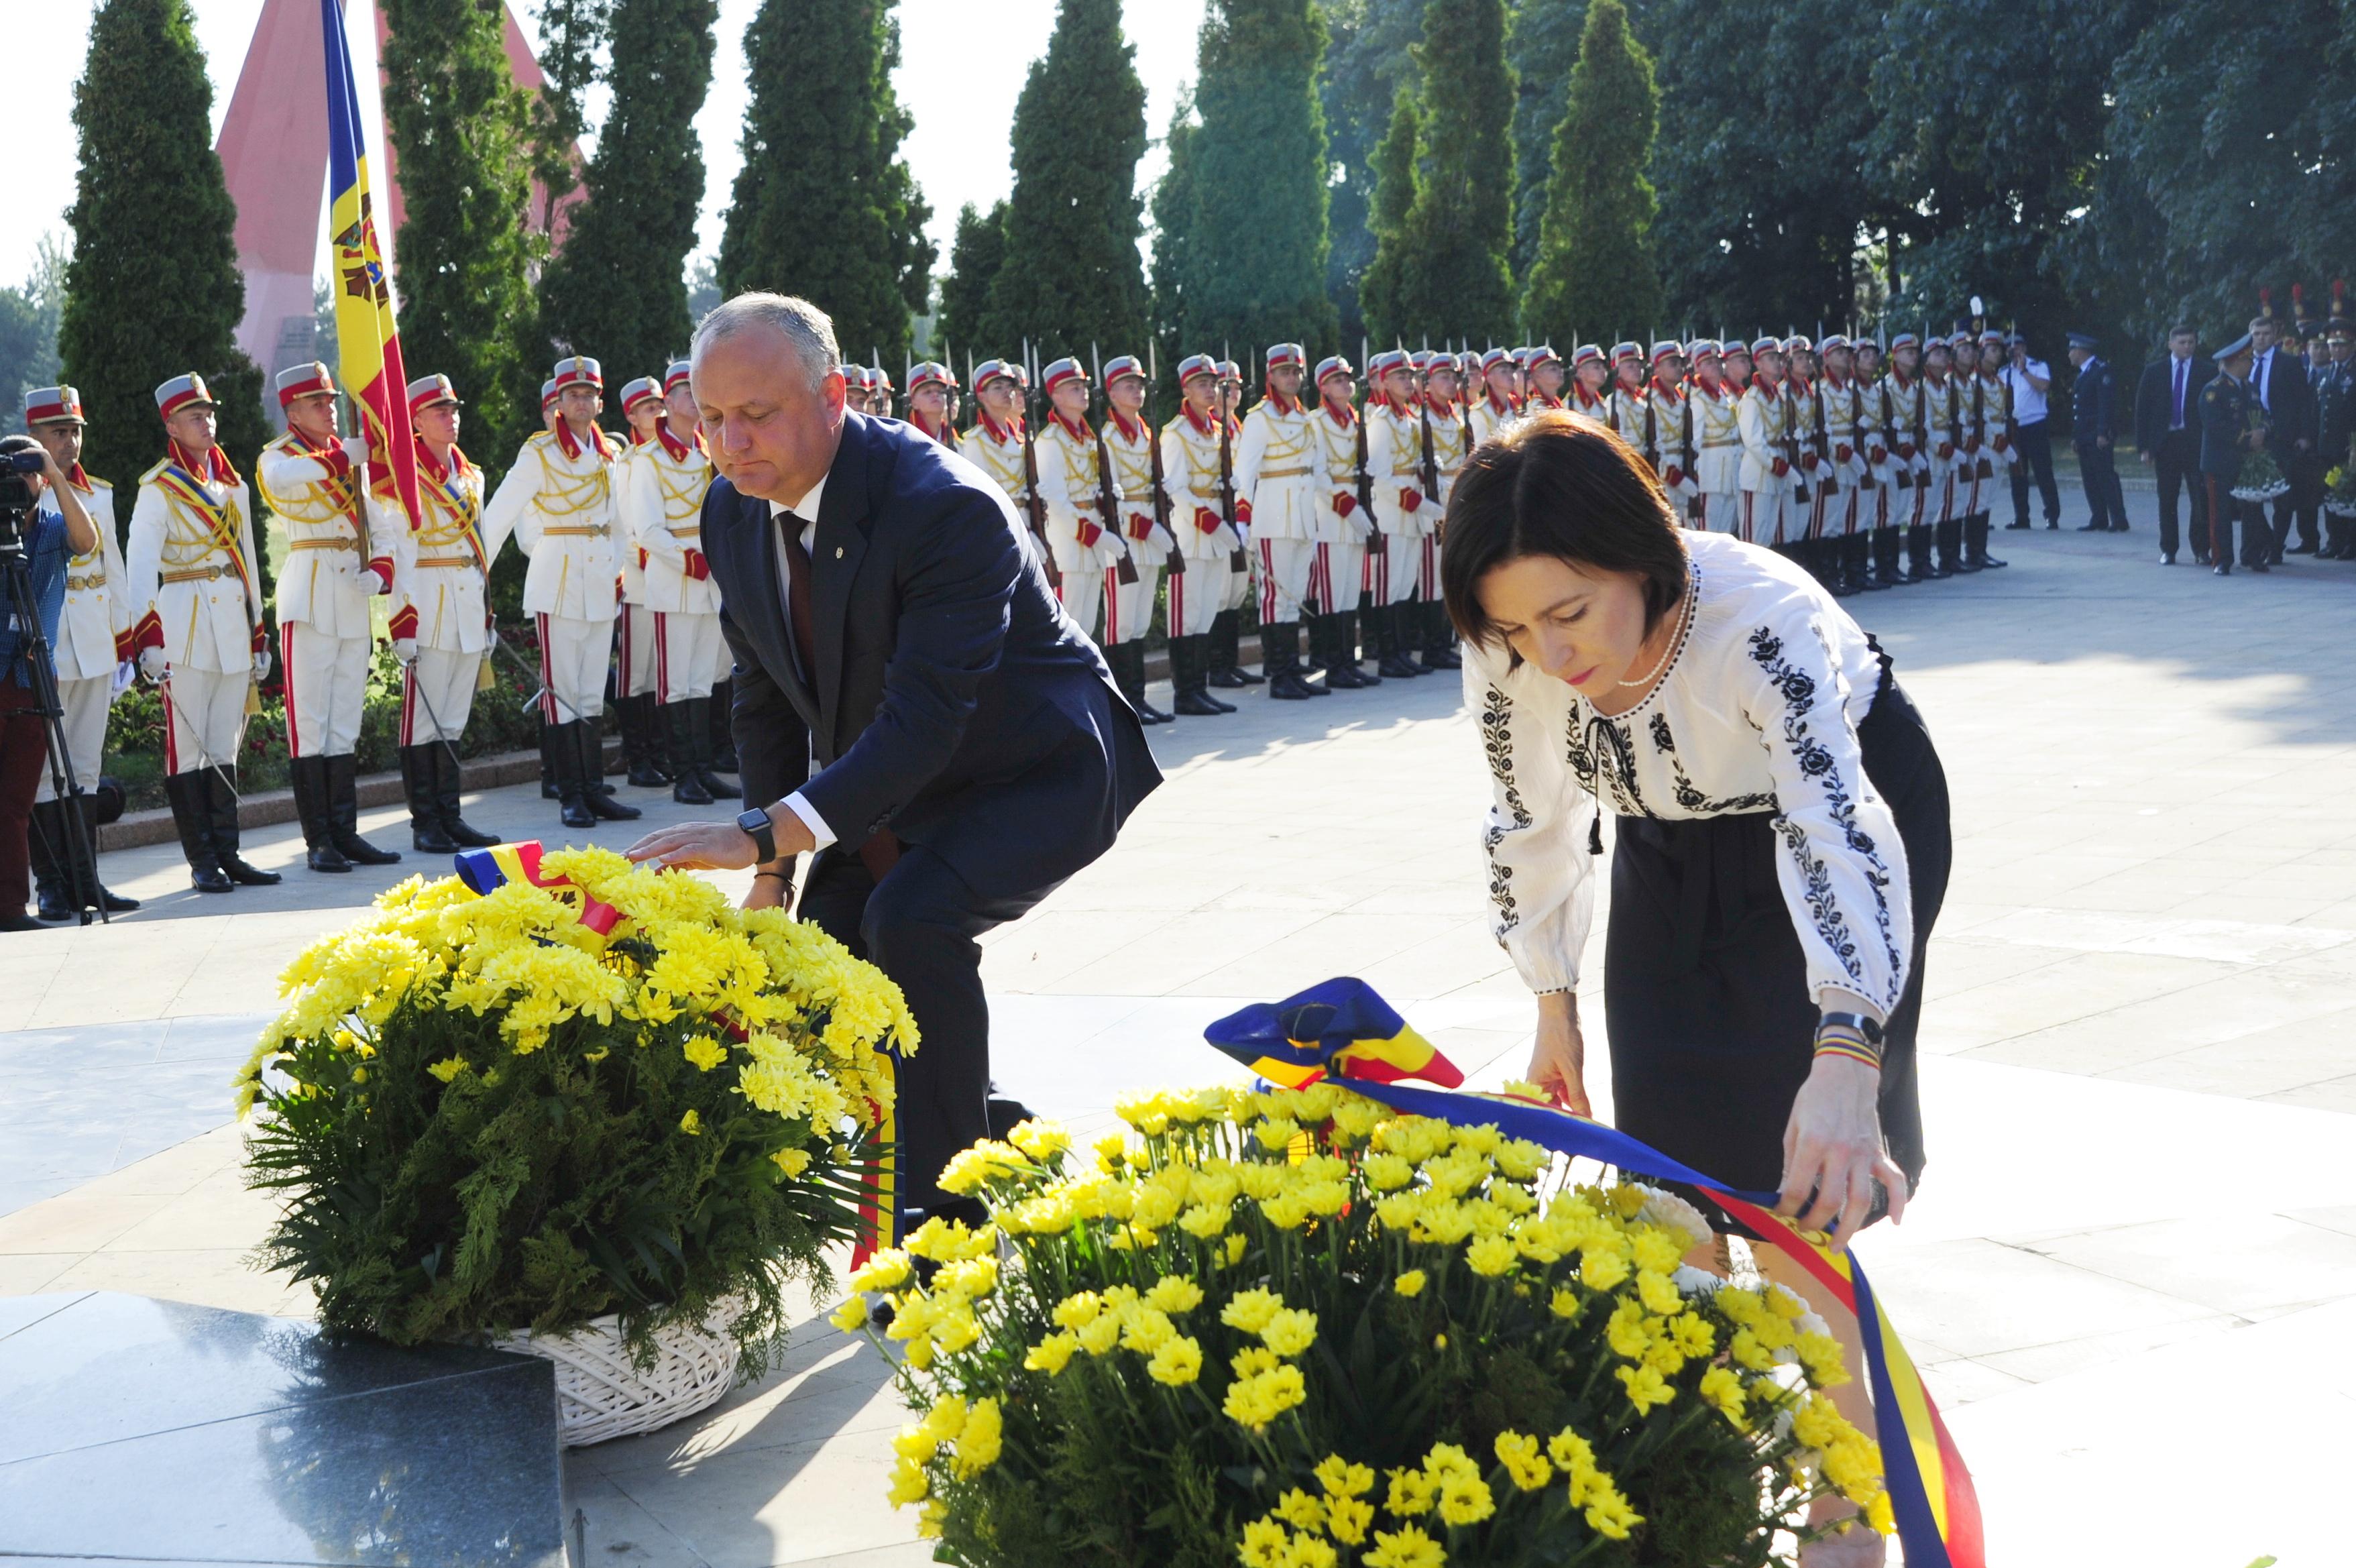 На мемориал вместе, к Штефану отдельно. Как Додон и Санду возлагали цветы